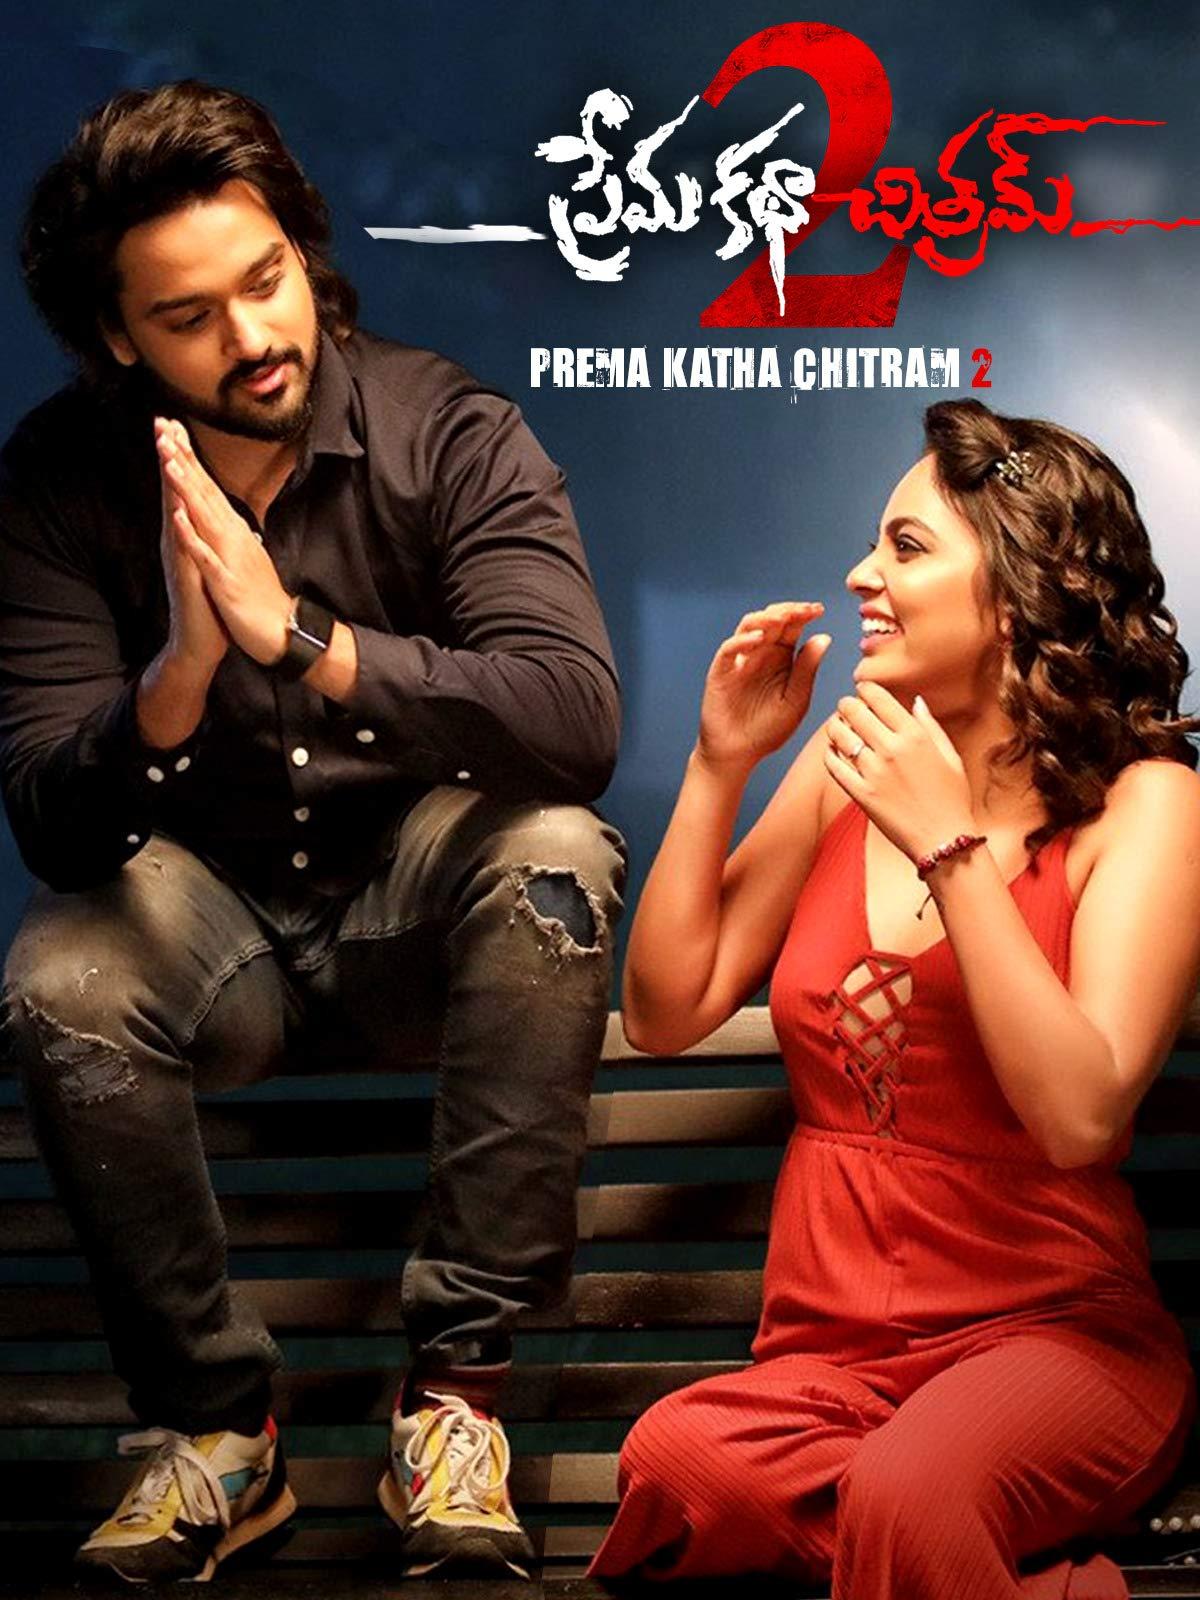 Prema Katha Chitram 2 (2021) Hindi Dubbed Movie HDRip 720p AAC